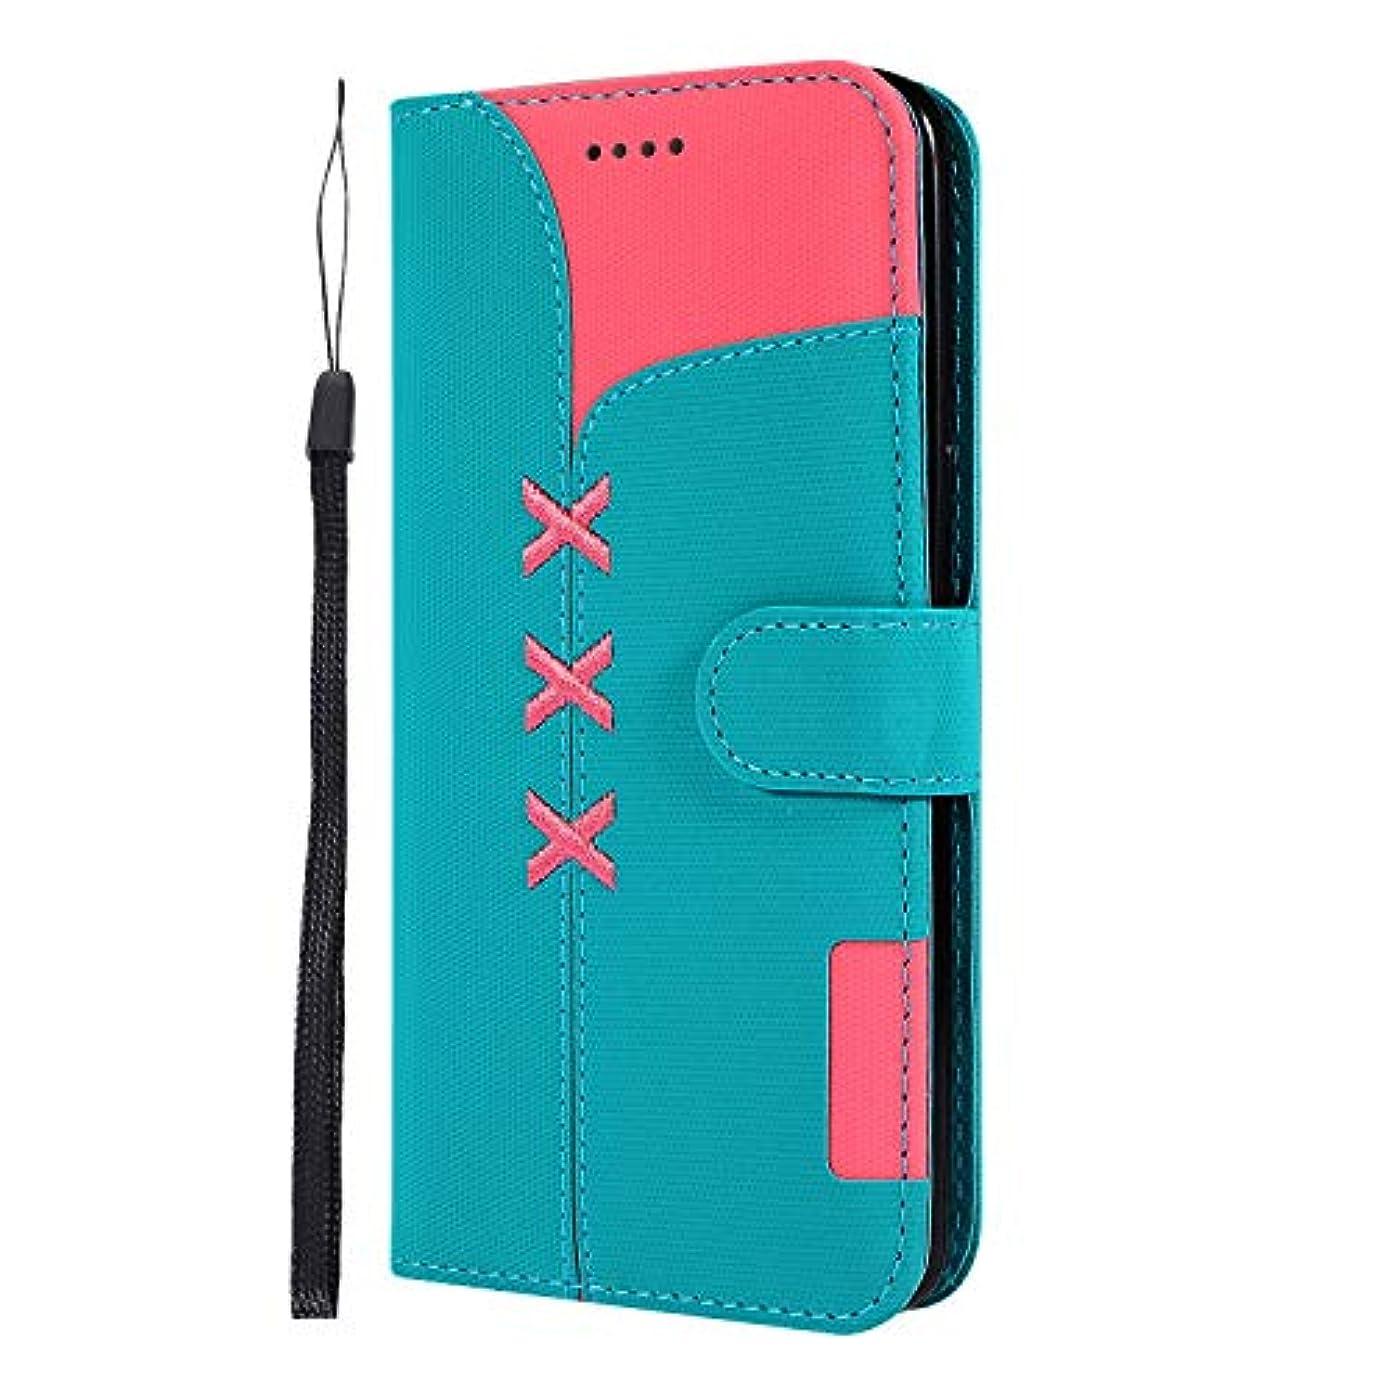 ブレーキさわやかおLomogo Galaxy S8+ / docomo SC-03J / au SCV35 ケース 手帳型 耐衝撃 レザーケース 財布型 カードポケット スタンド機能 マグネット式 ギャラクシーS8プラス 手帳型ケース カバー 人気 - LOGHU040219 青